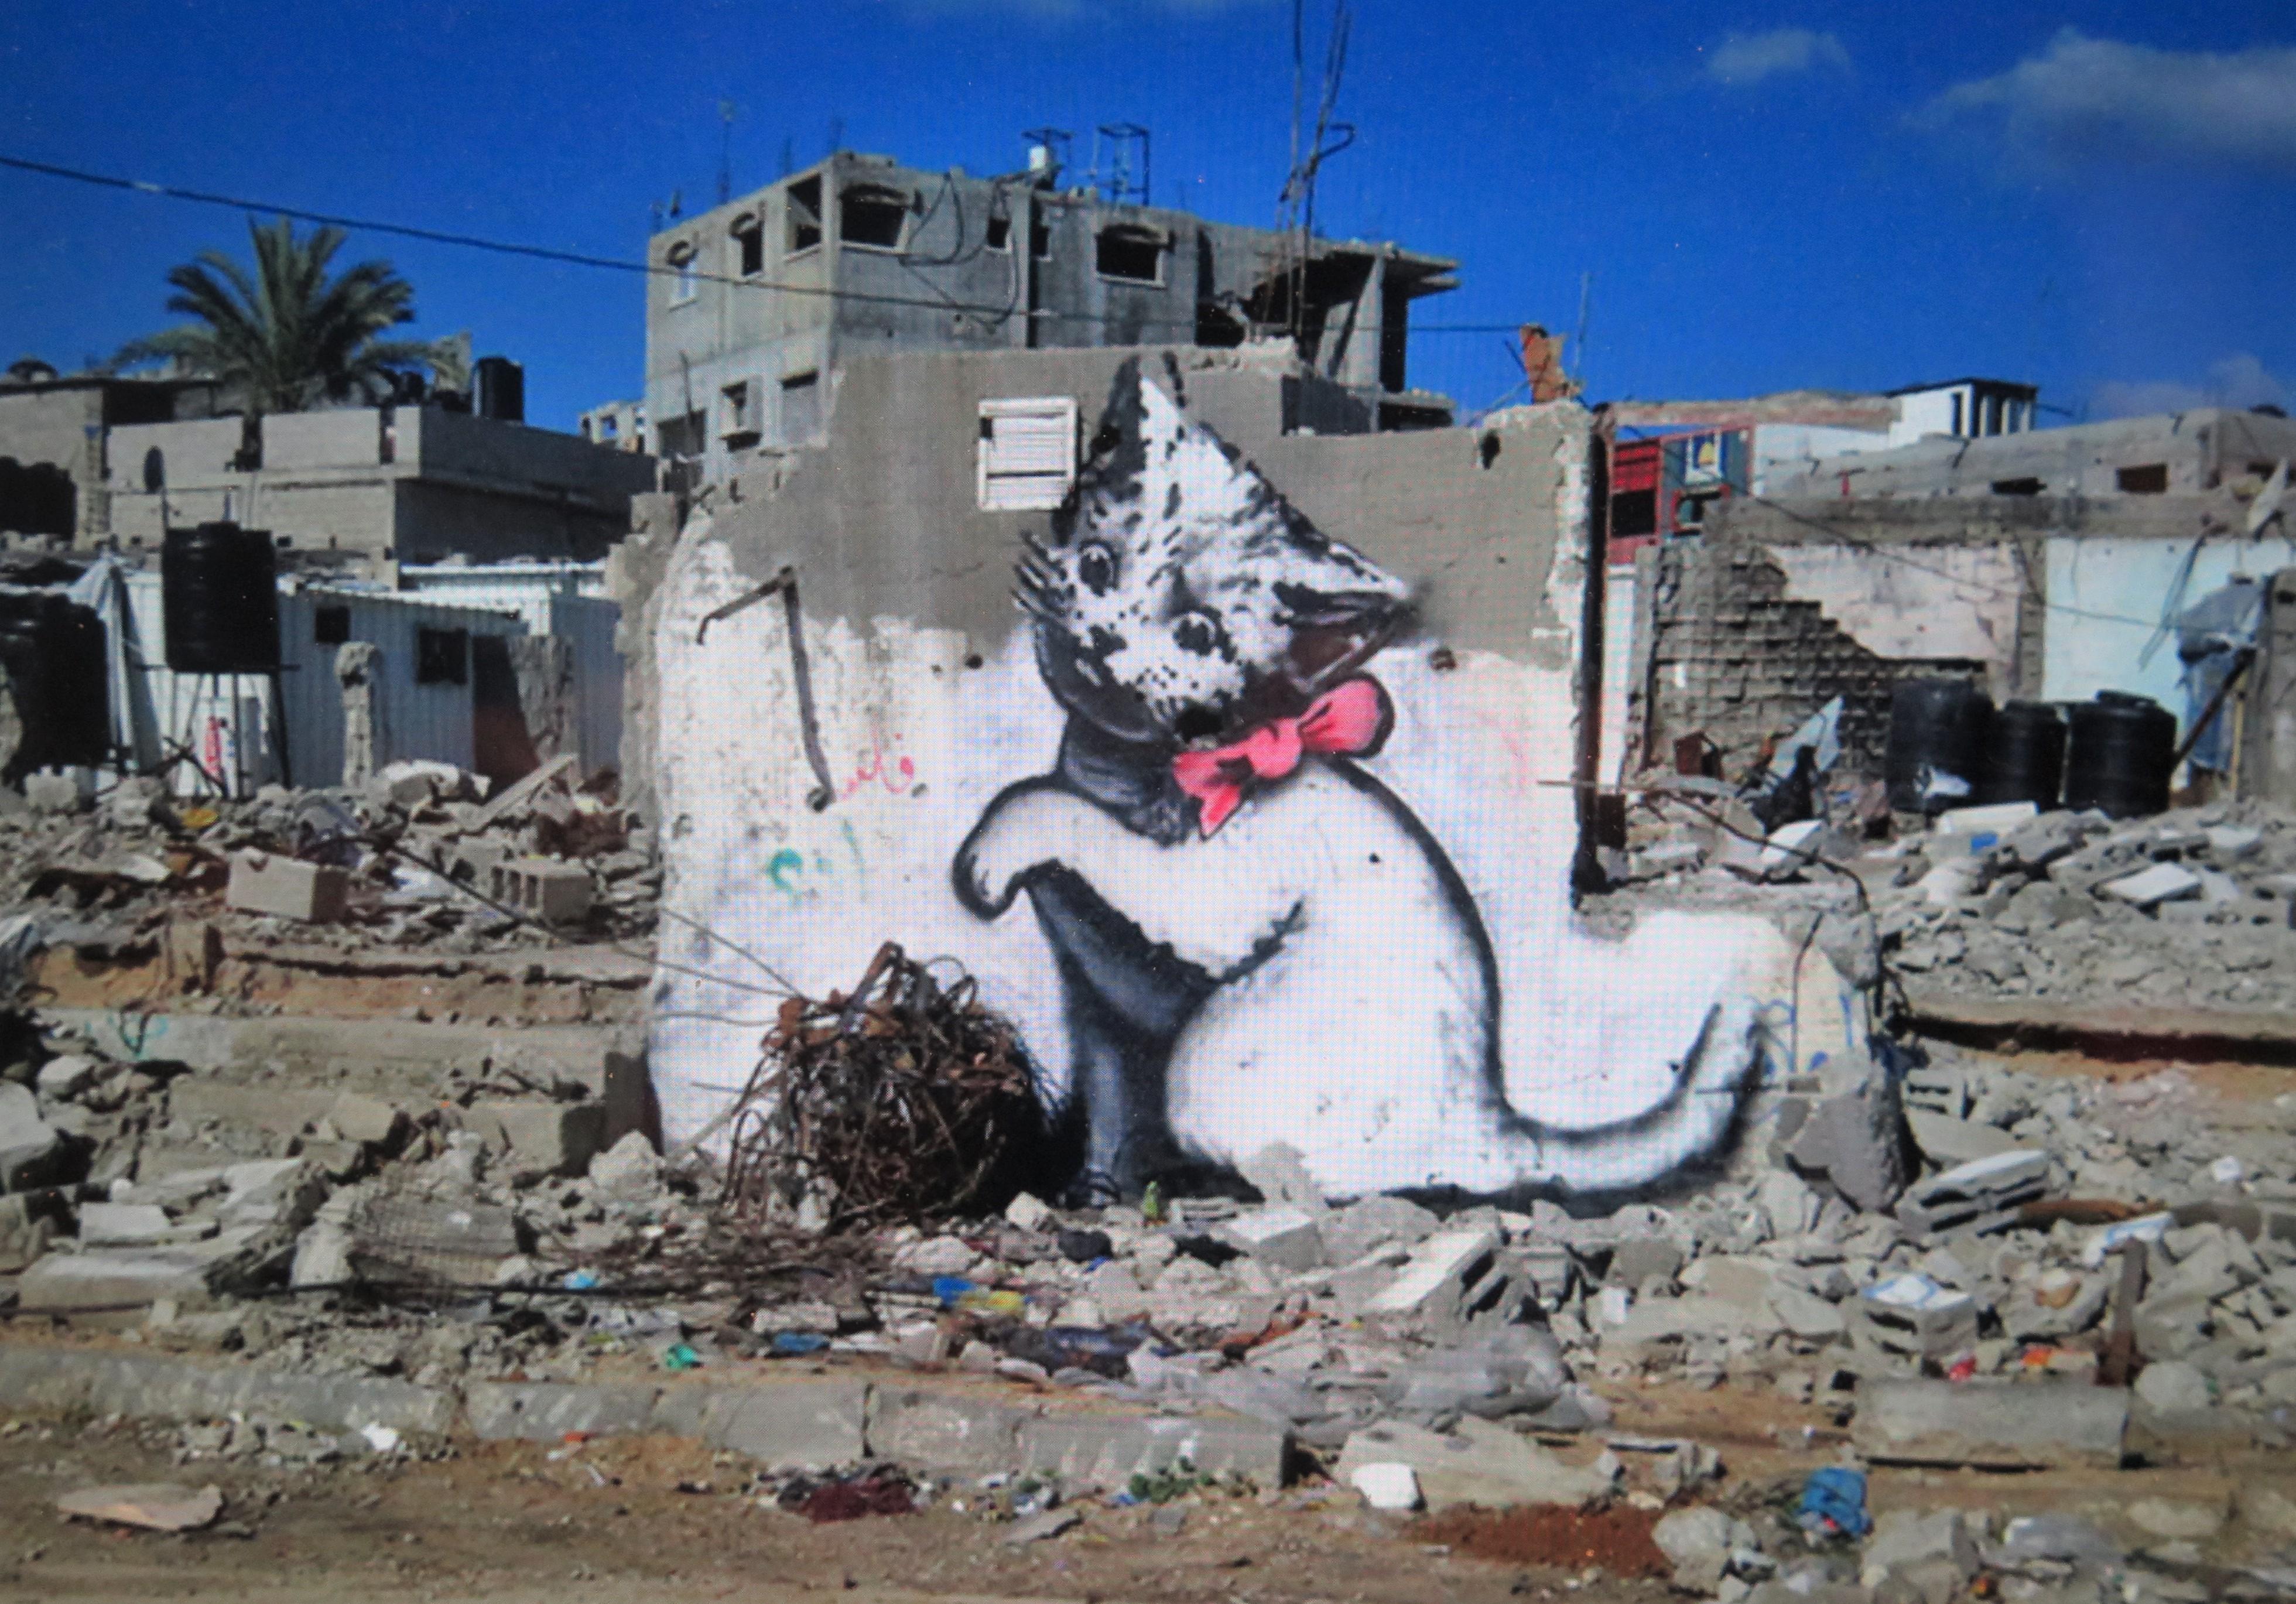 Banksy Most Wanted, Banksy Kitten in Gaza